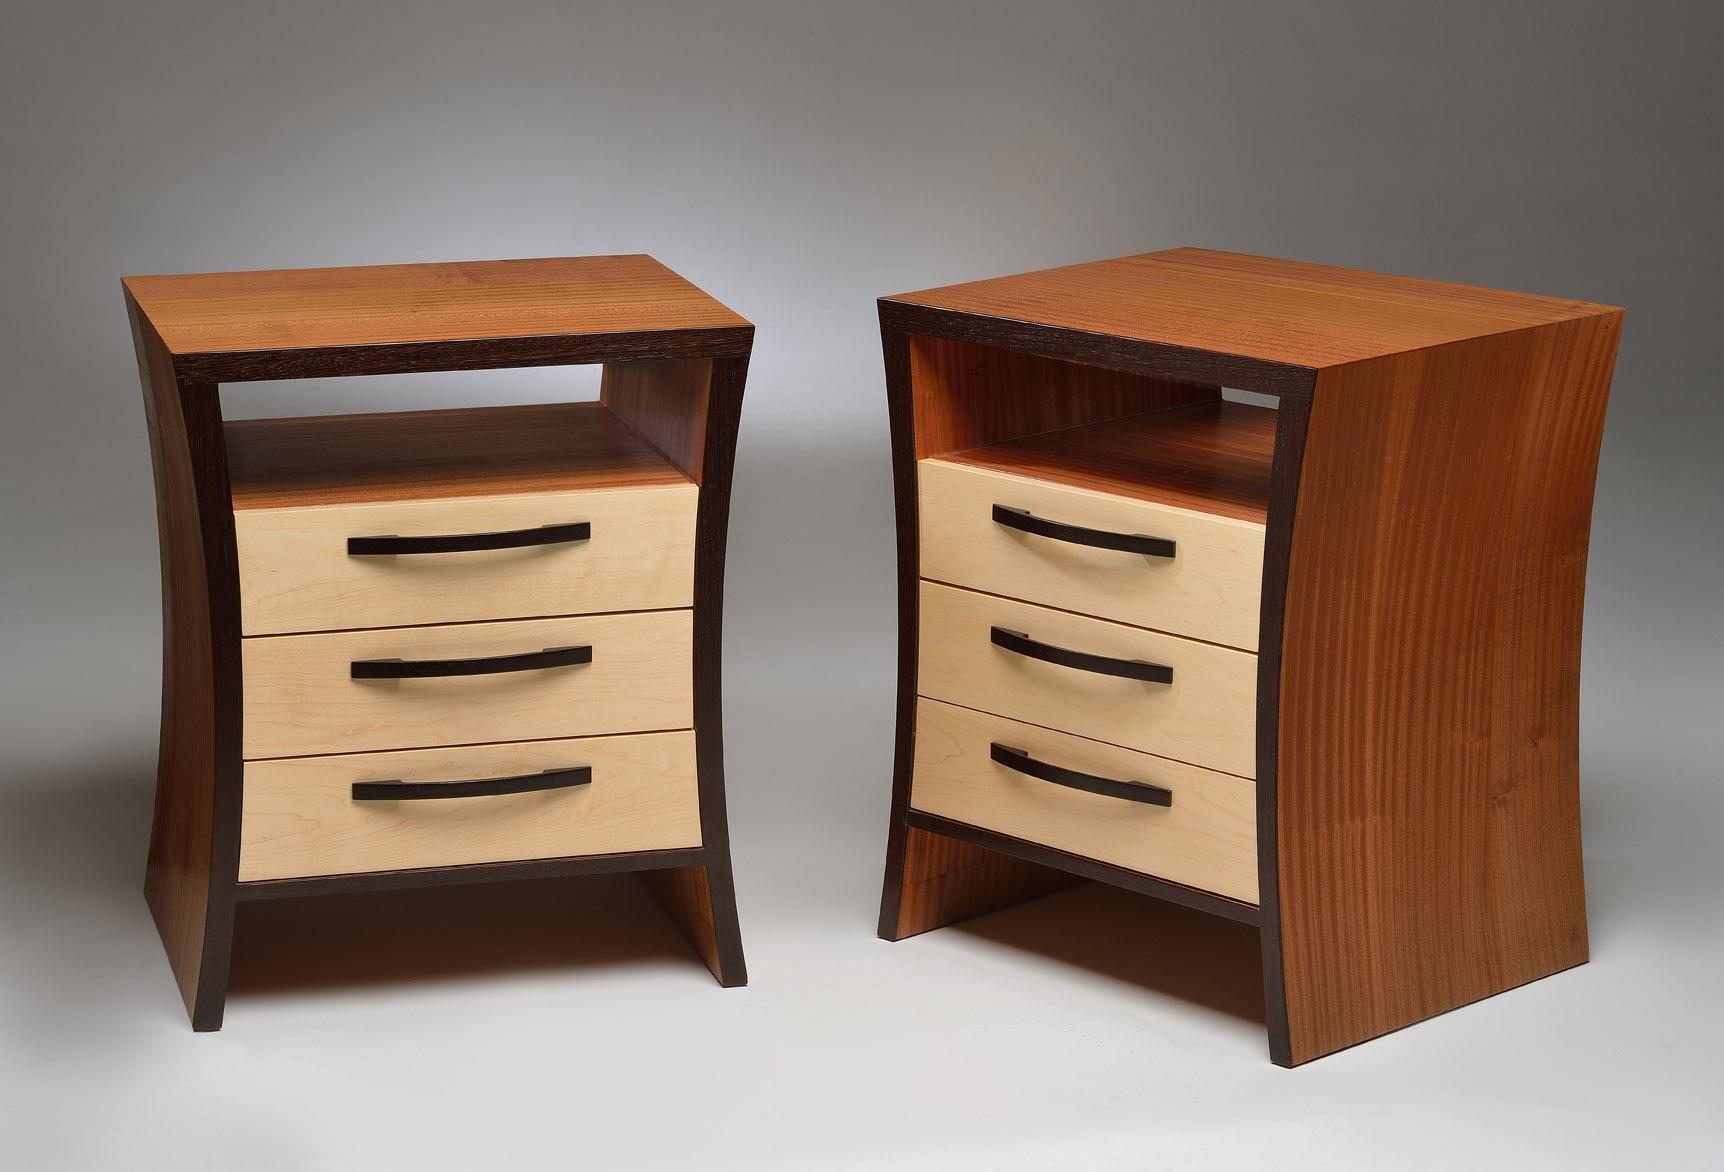 ds nightstands.jpg